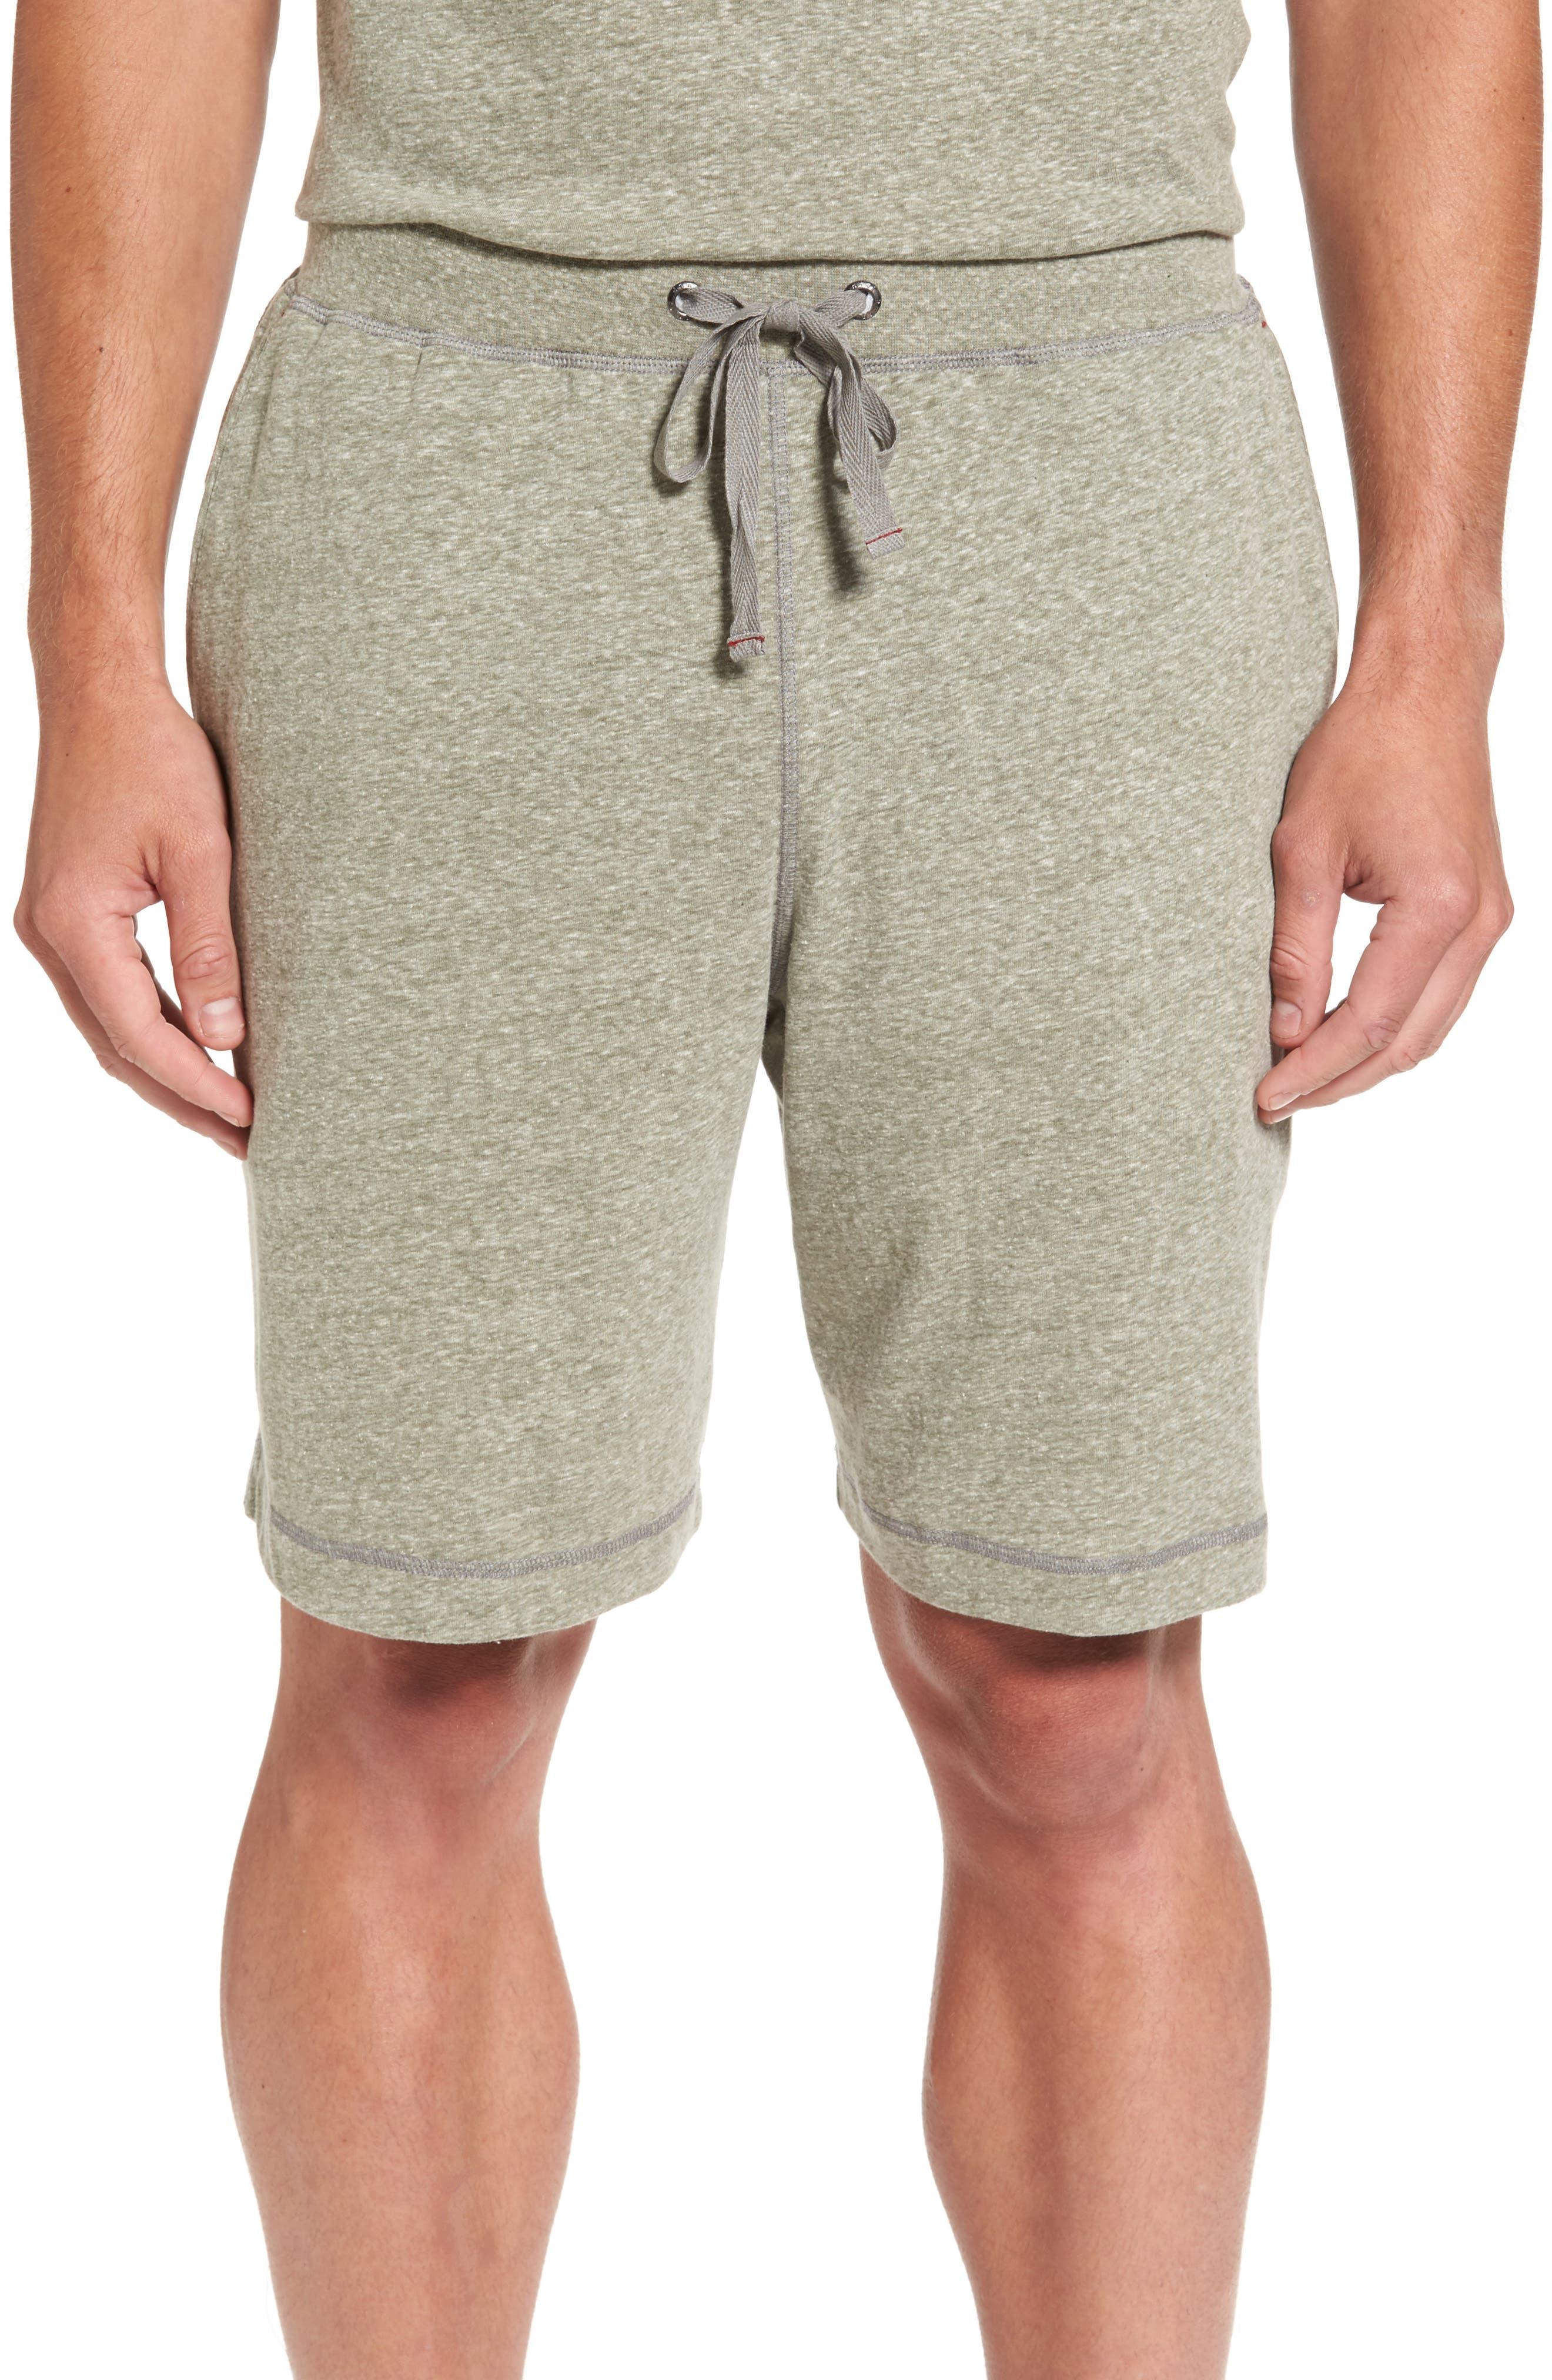 Lounge Shorts,                             Main thumbnail 1, color,                             301